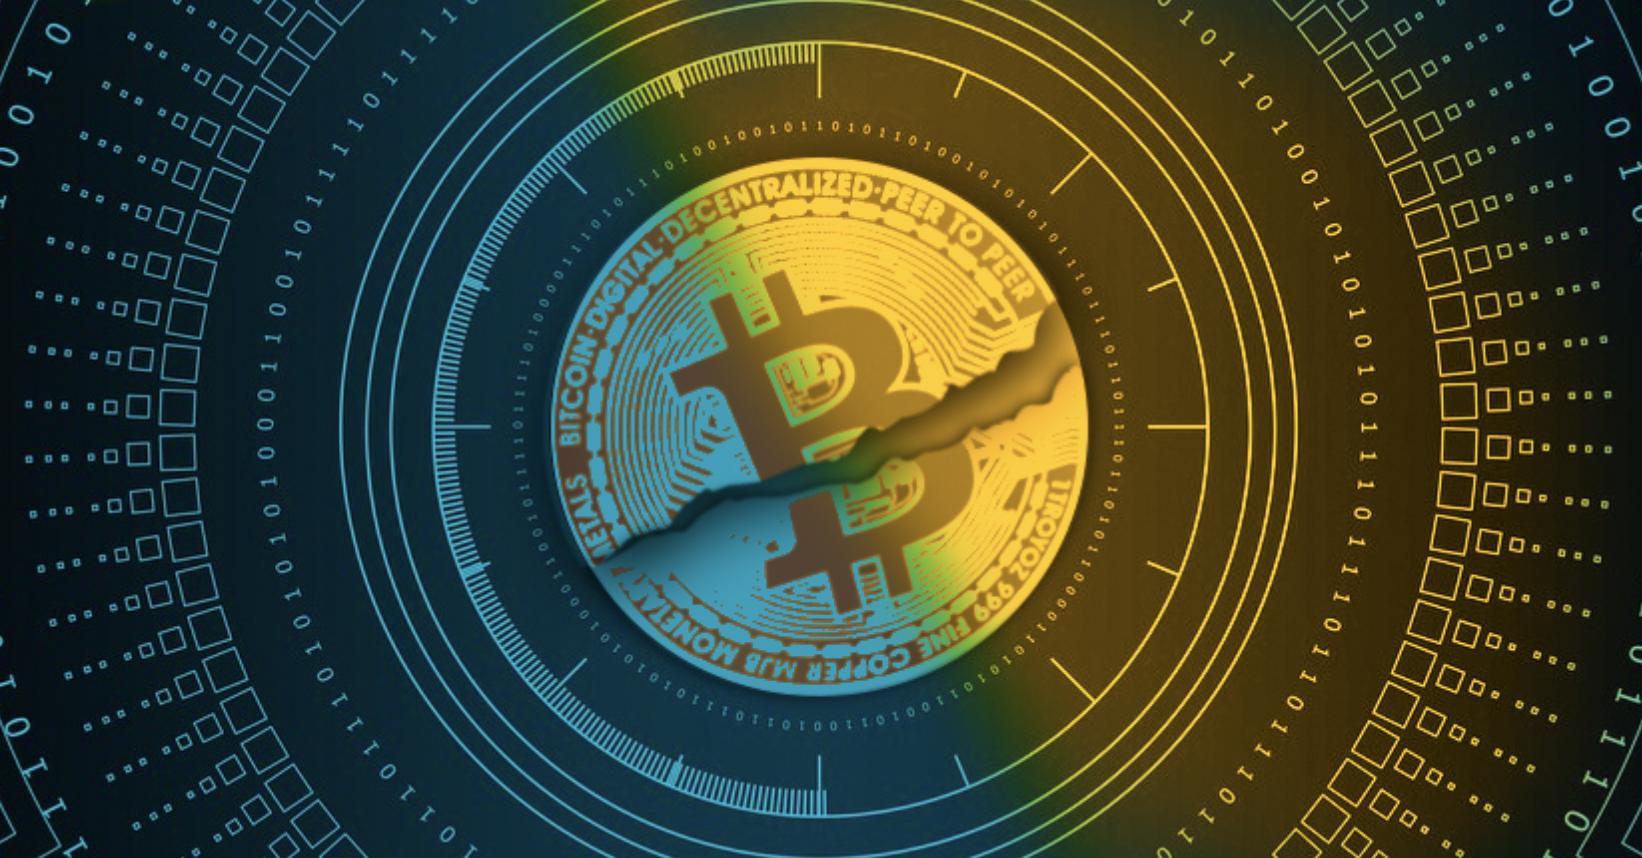 Bitcoin yarilanmasi gecikebilir kopya